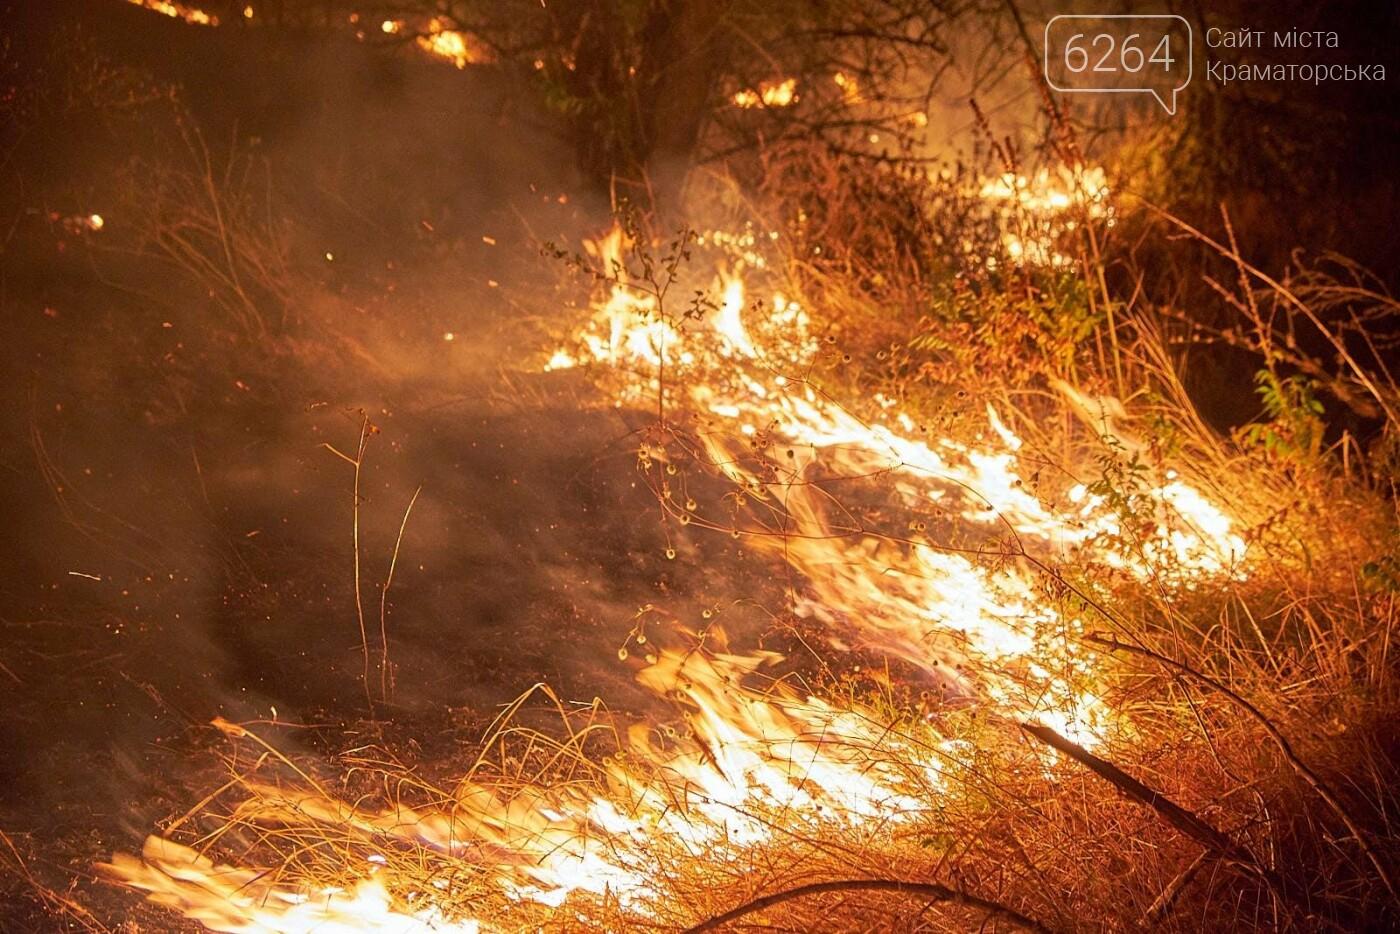 Масштабный лесной пожар в Краматорске – спасатели подозревают поджог (фото), фото-3